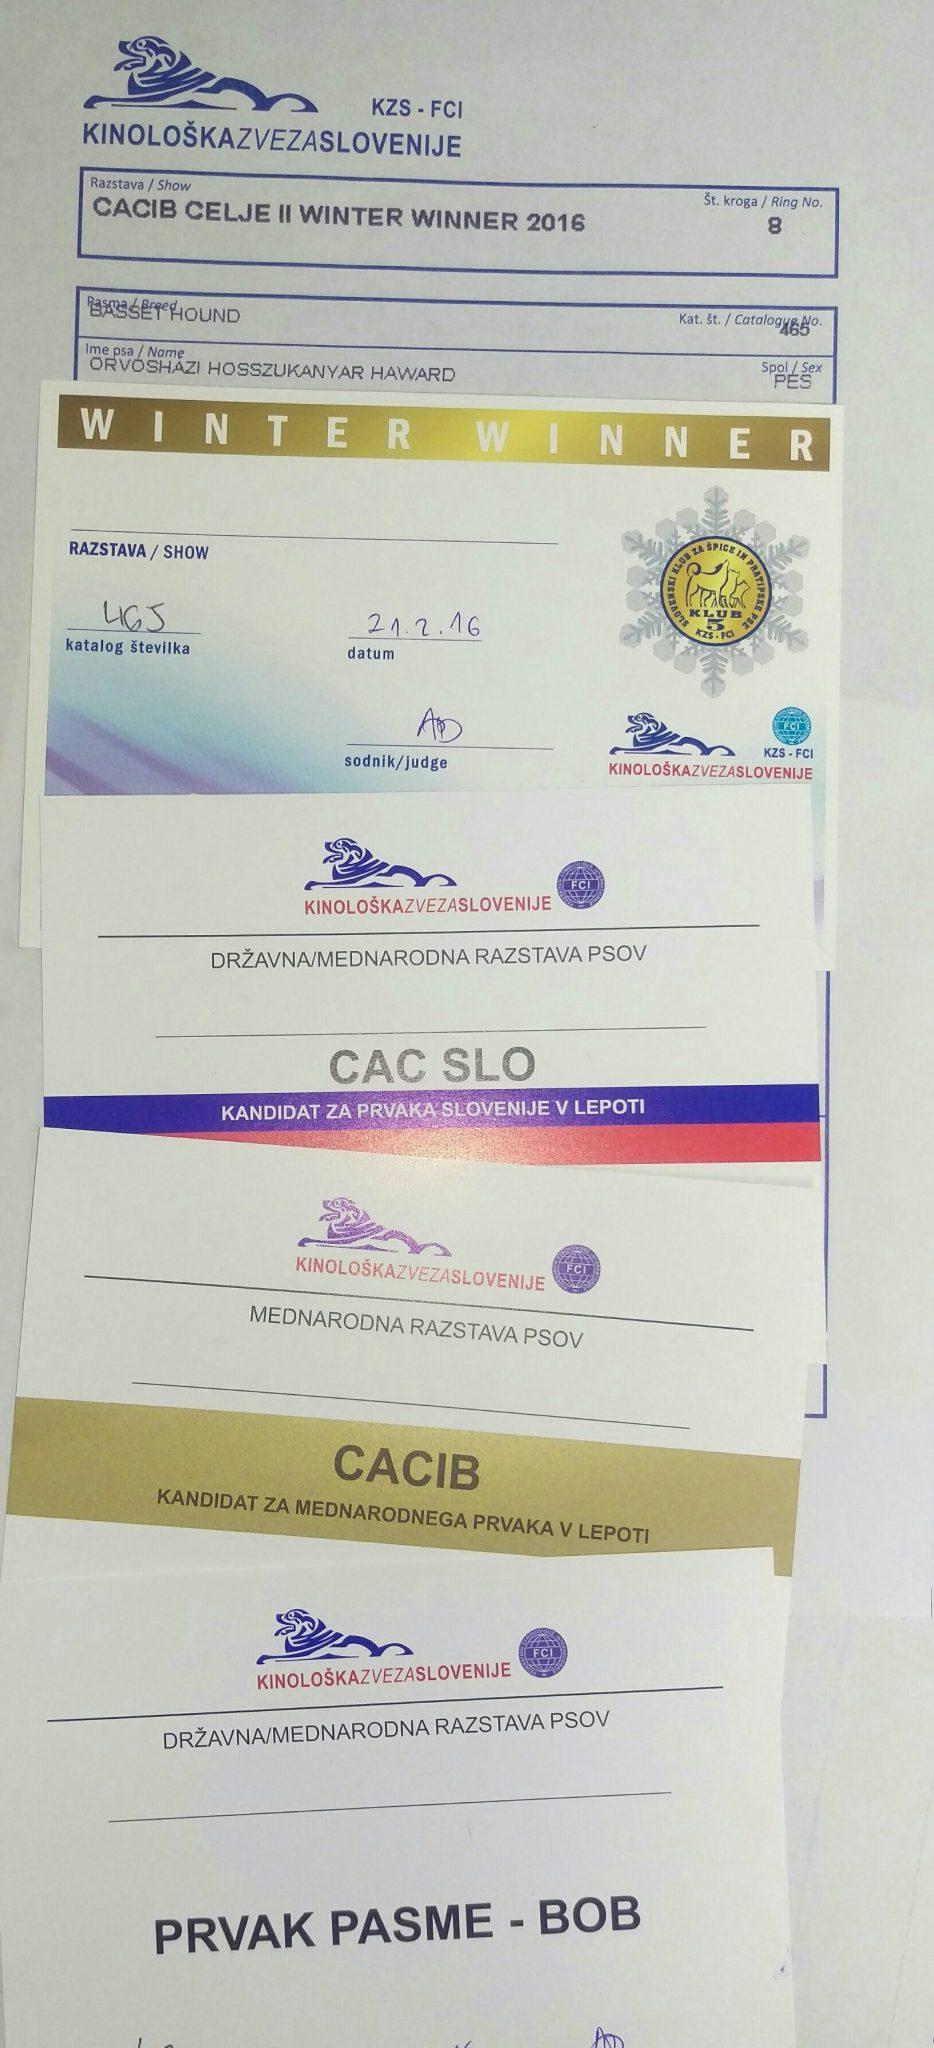 cacib winter winner celje titoli vinti